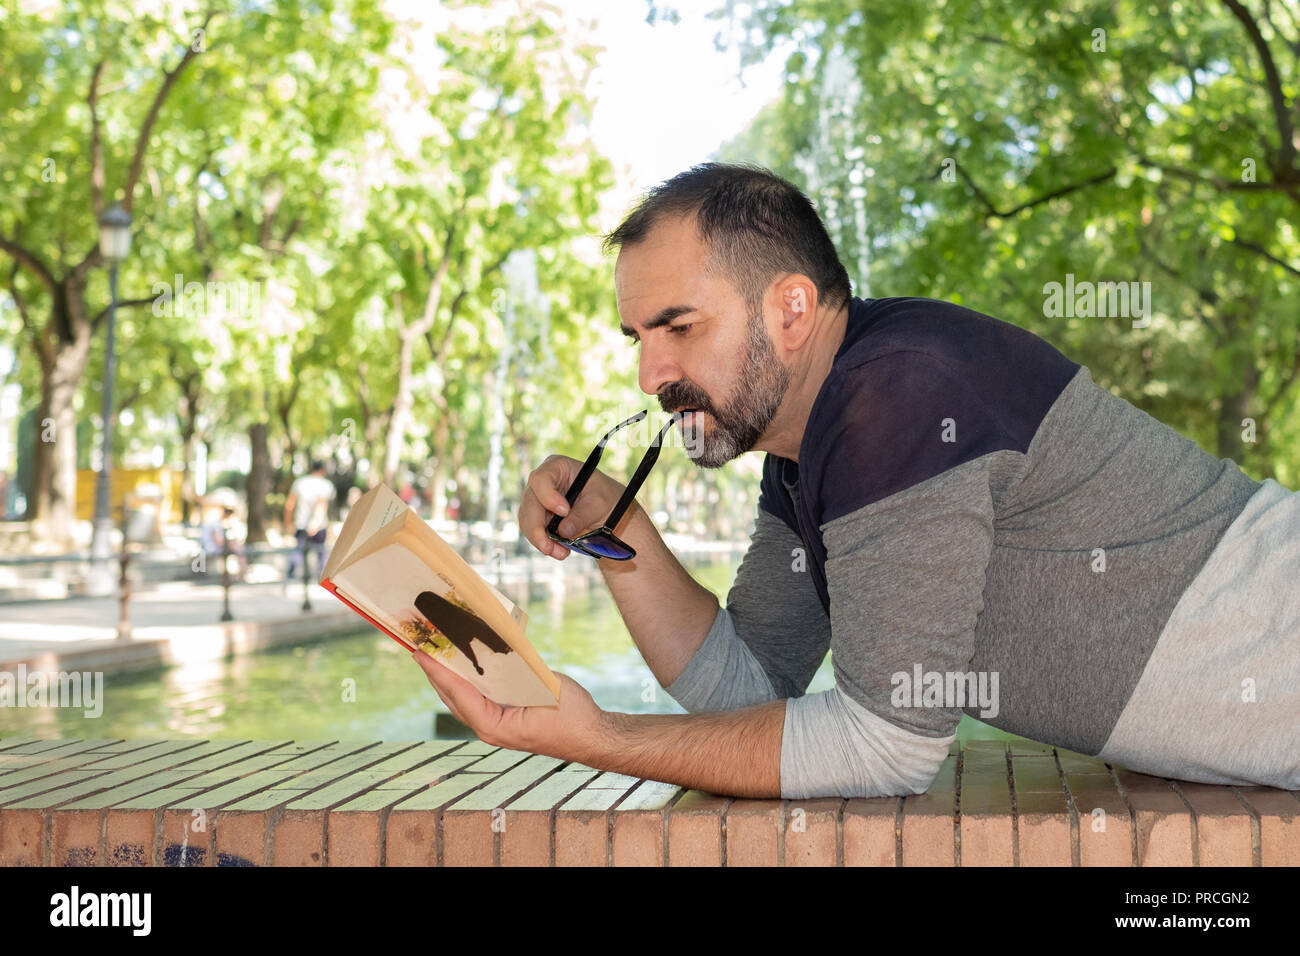 Uomo disteso in un parco e la lettura di un libro Immagini Stock